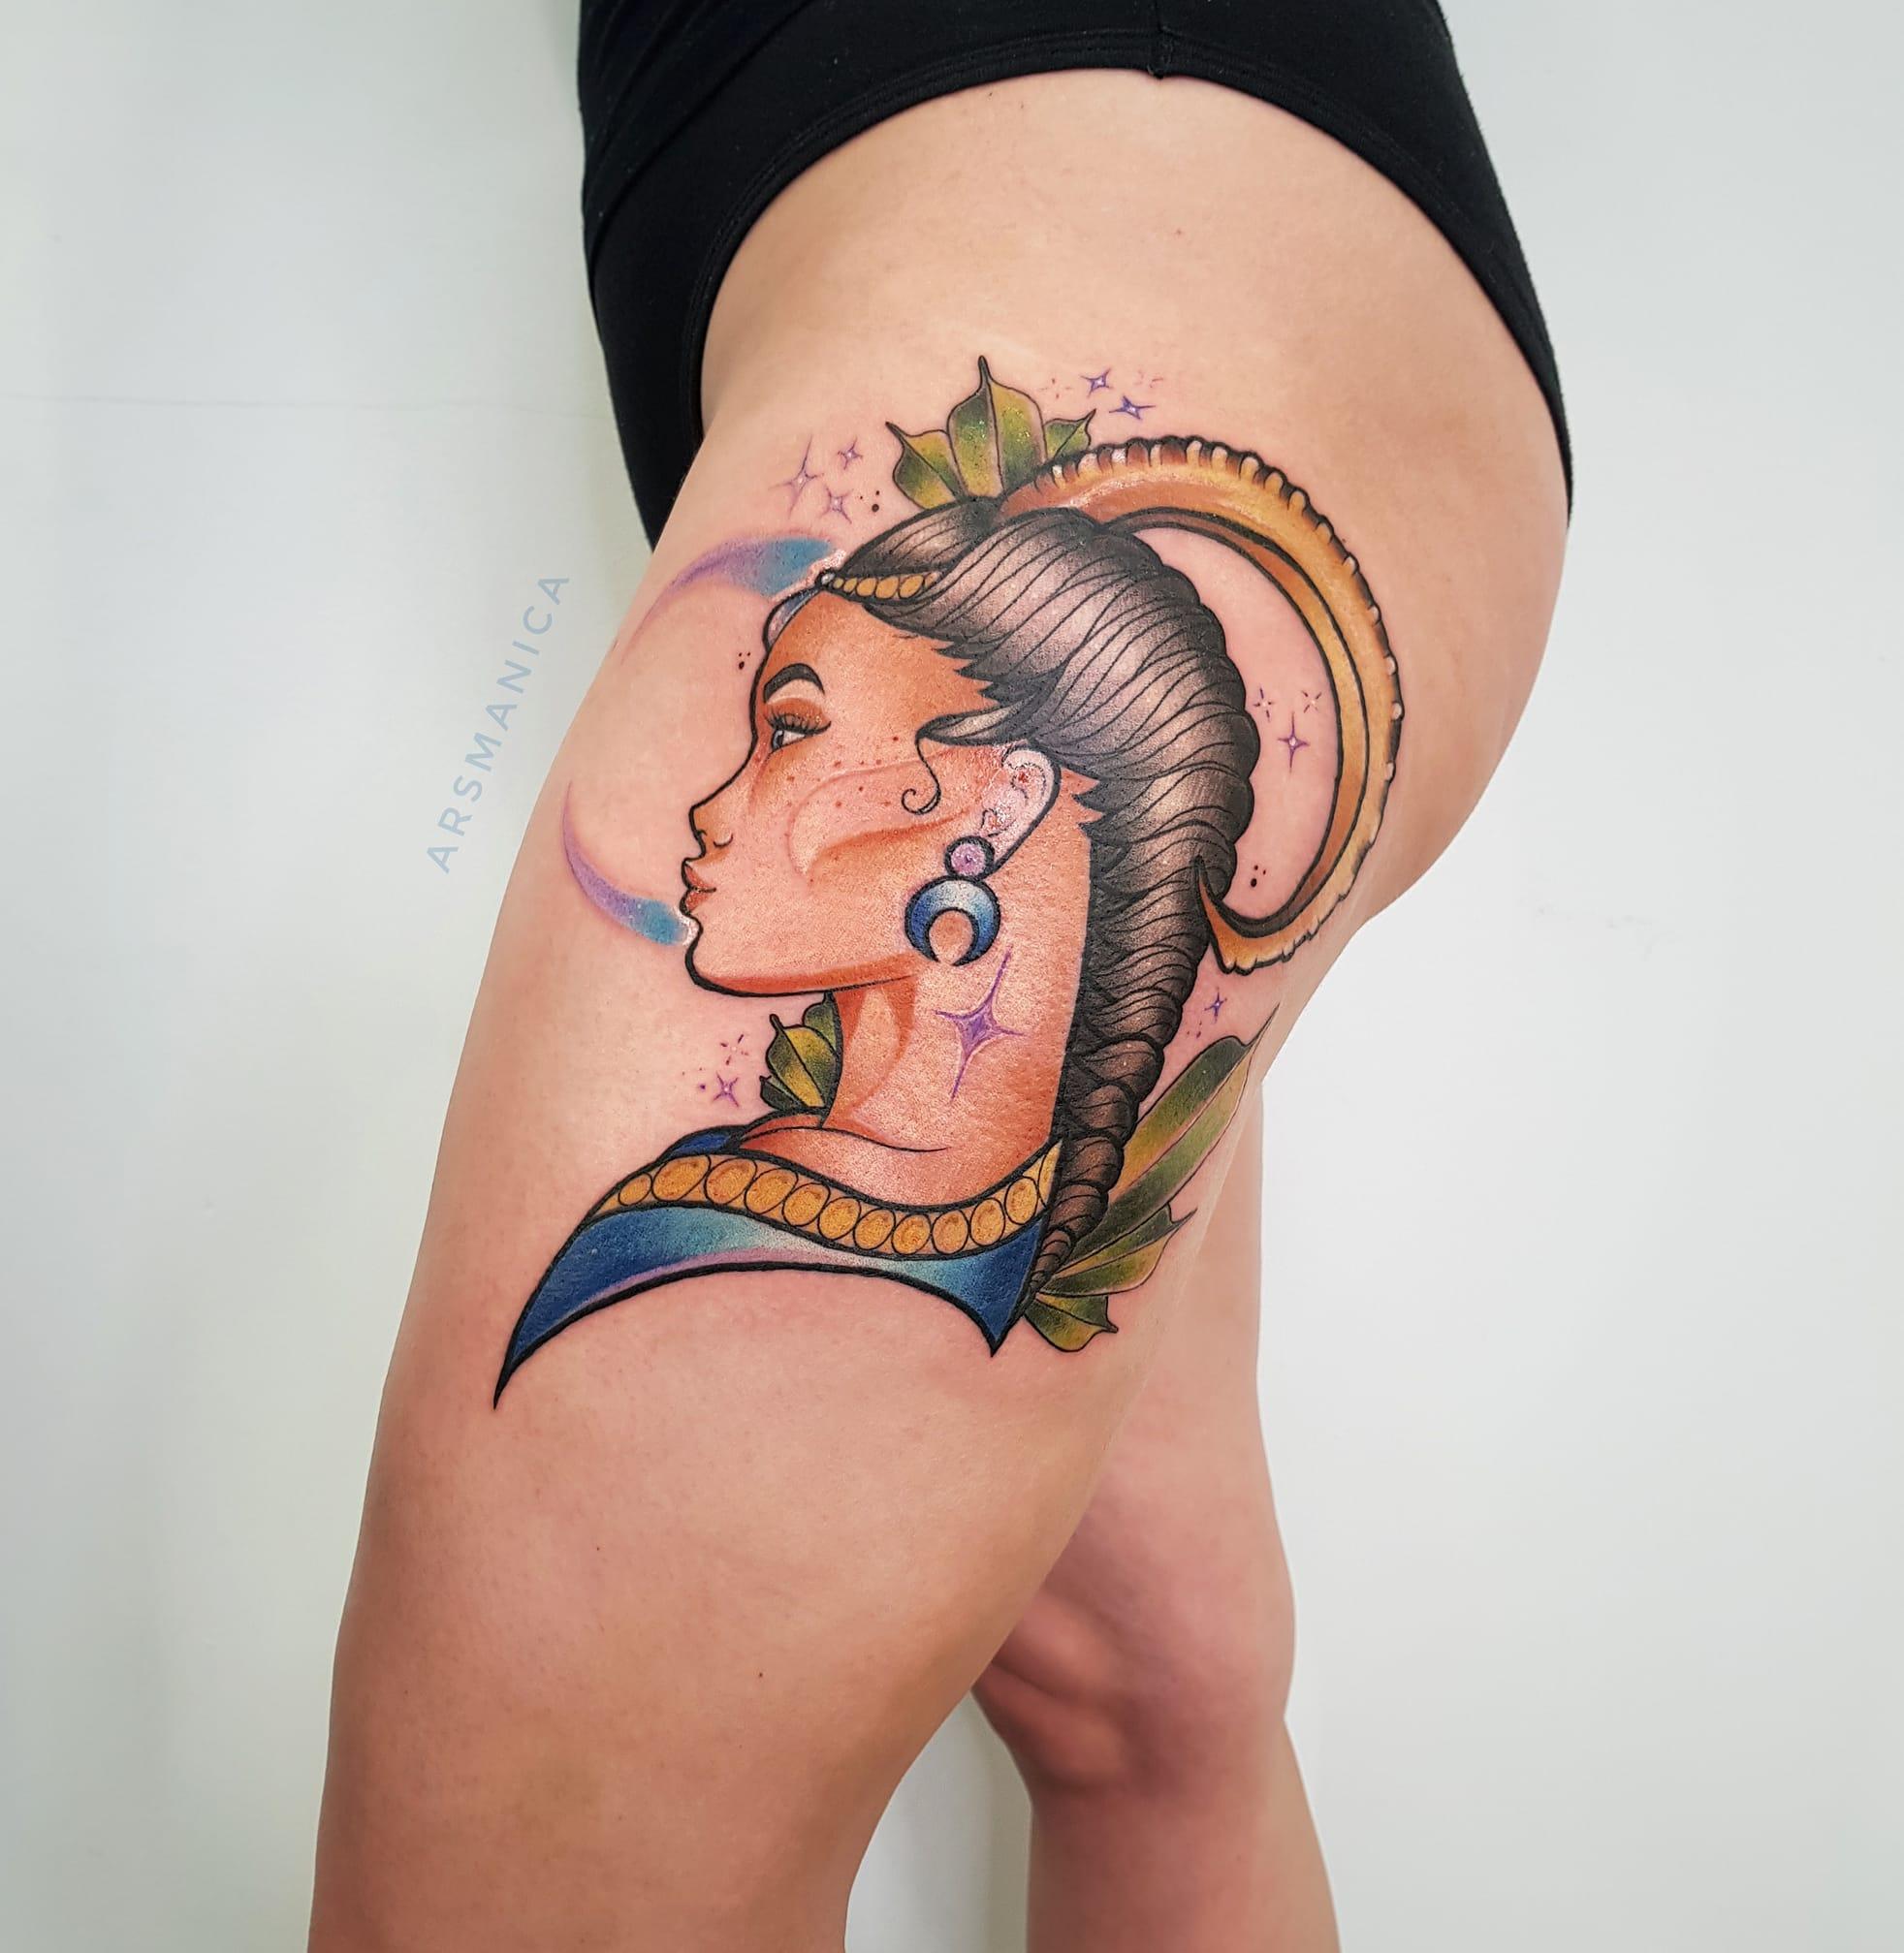 Inksearch tattoo Anna Jakubiec aka Arsmanica